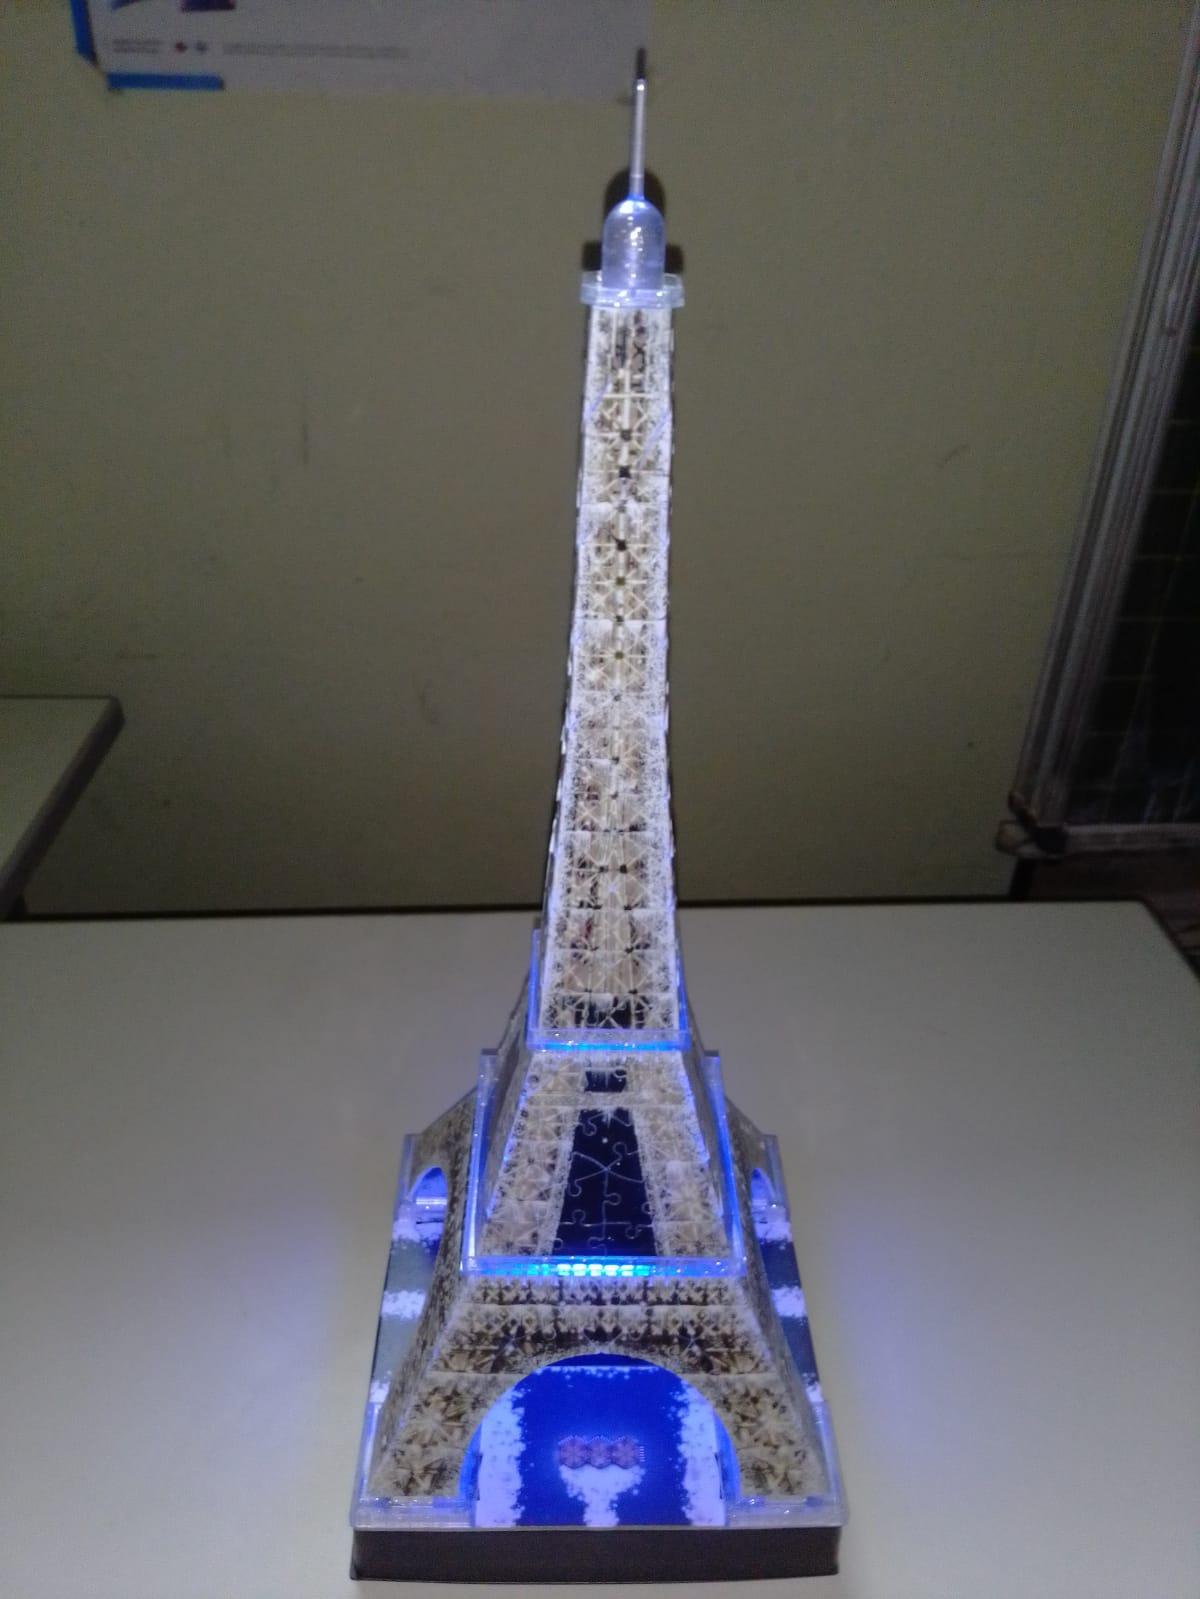 Ein Modell des Eiffelturms aus Holz. Der Turm ist blau erleuchtet.